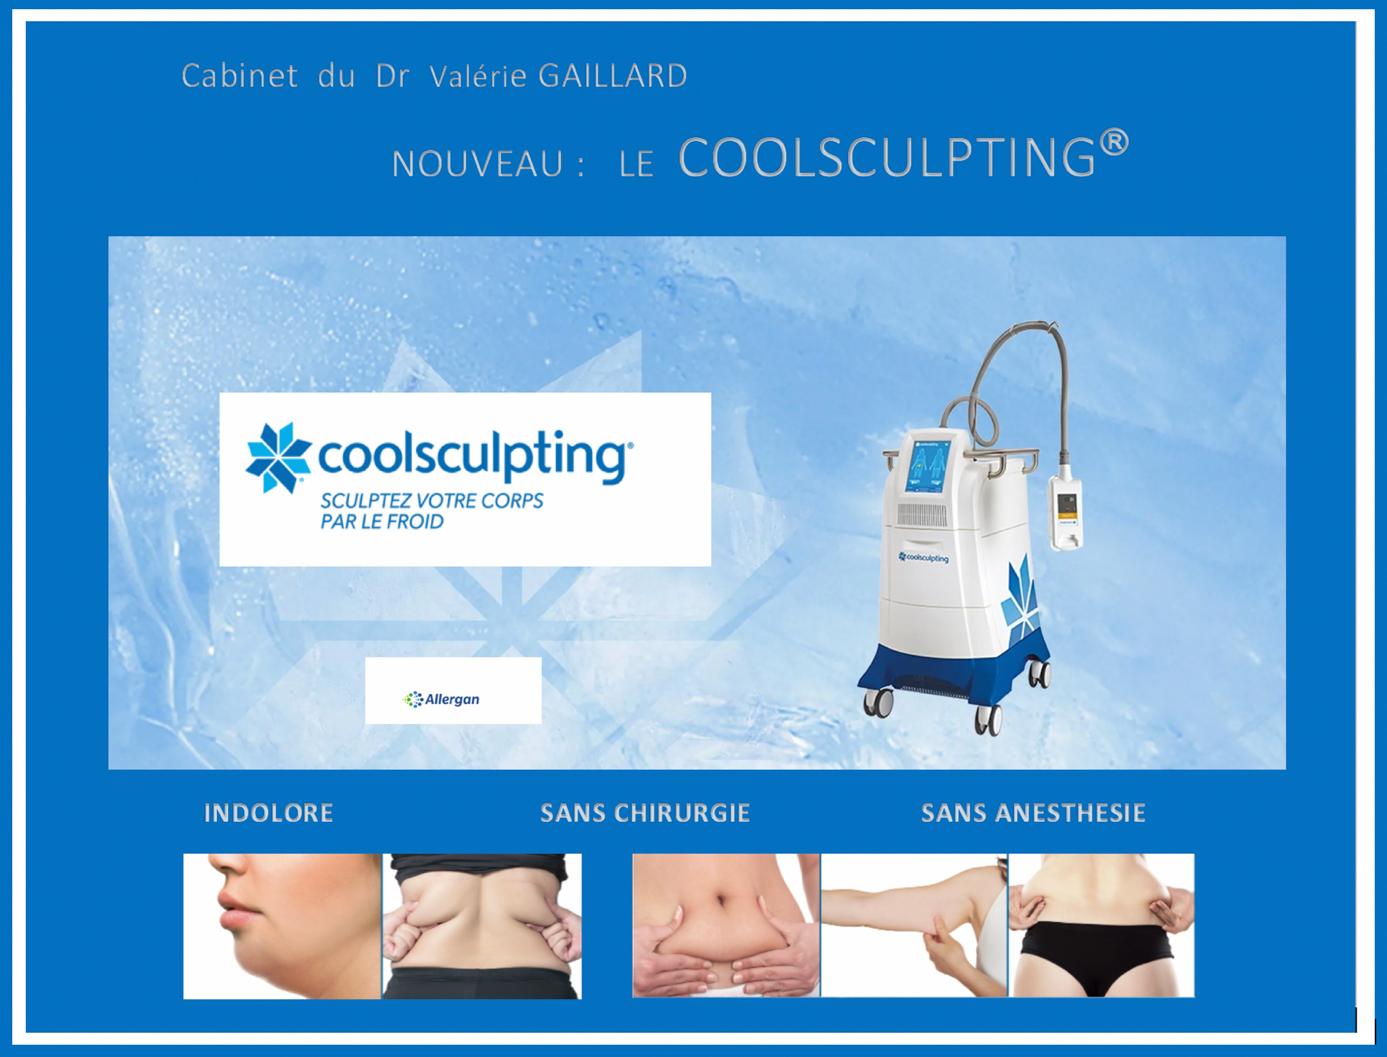 Médecine esthétique Nouveau : le Coolsculpting® arrive au cabinet ! | Médecine Esthétique Lyon